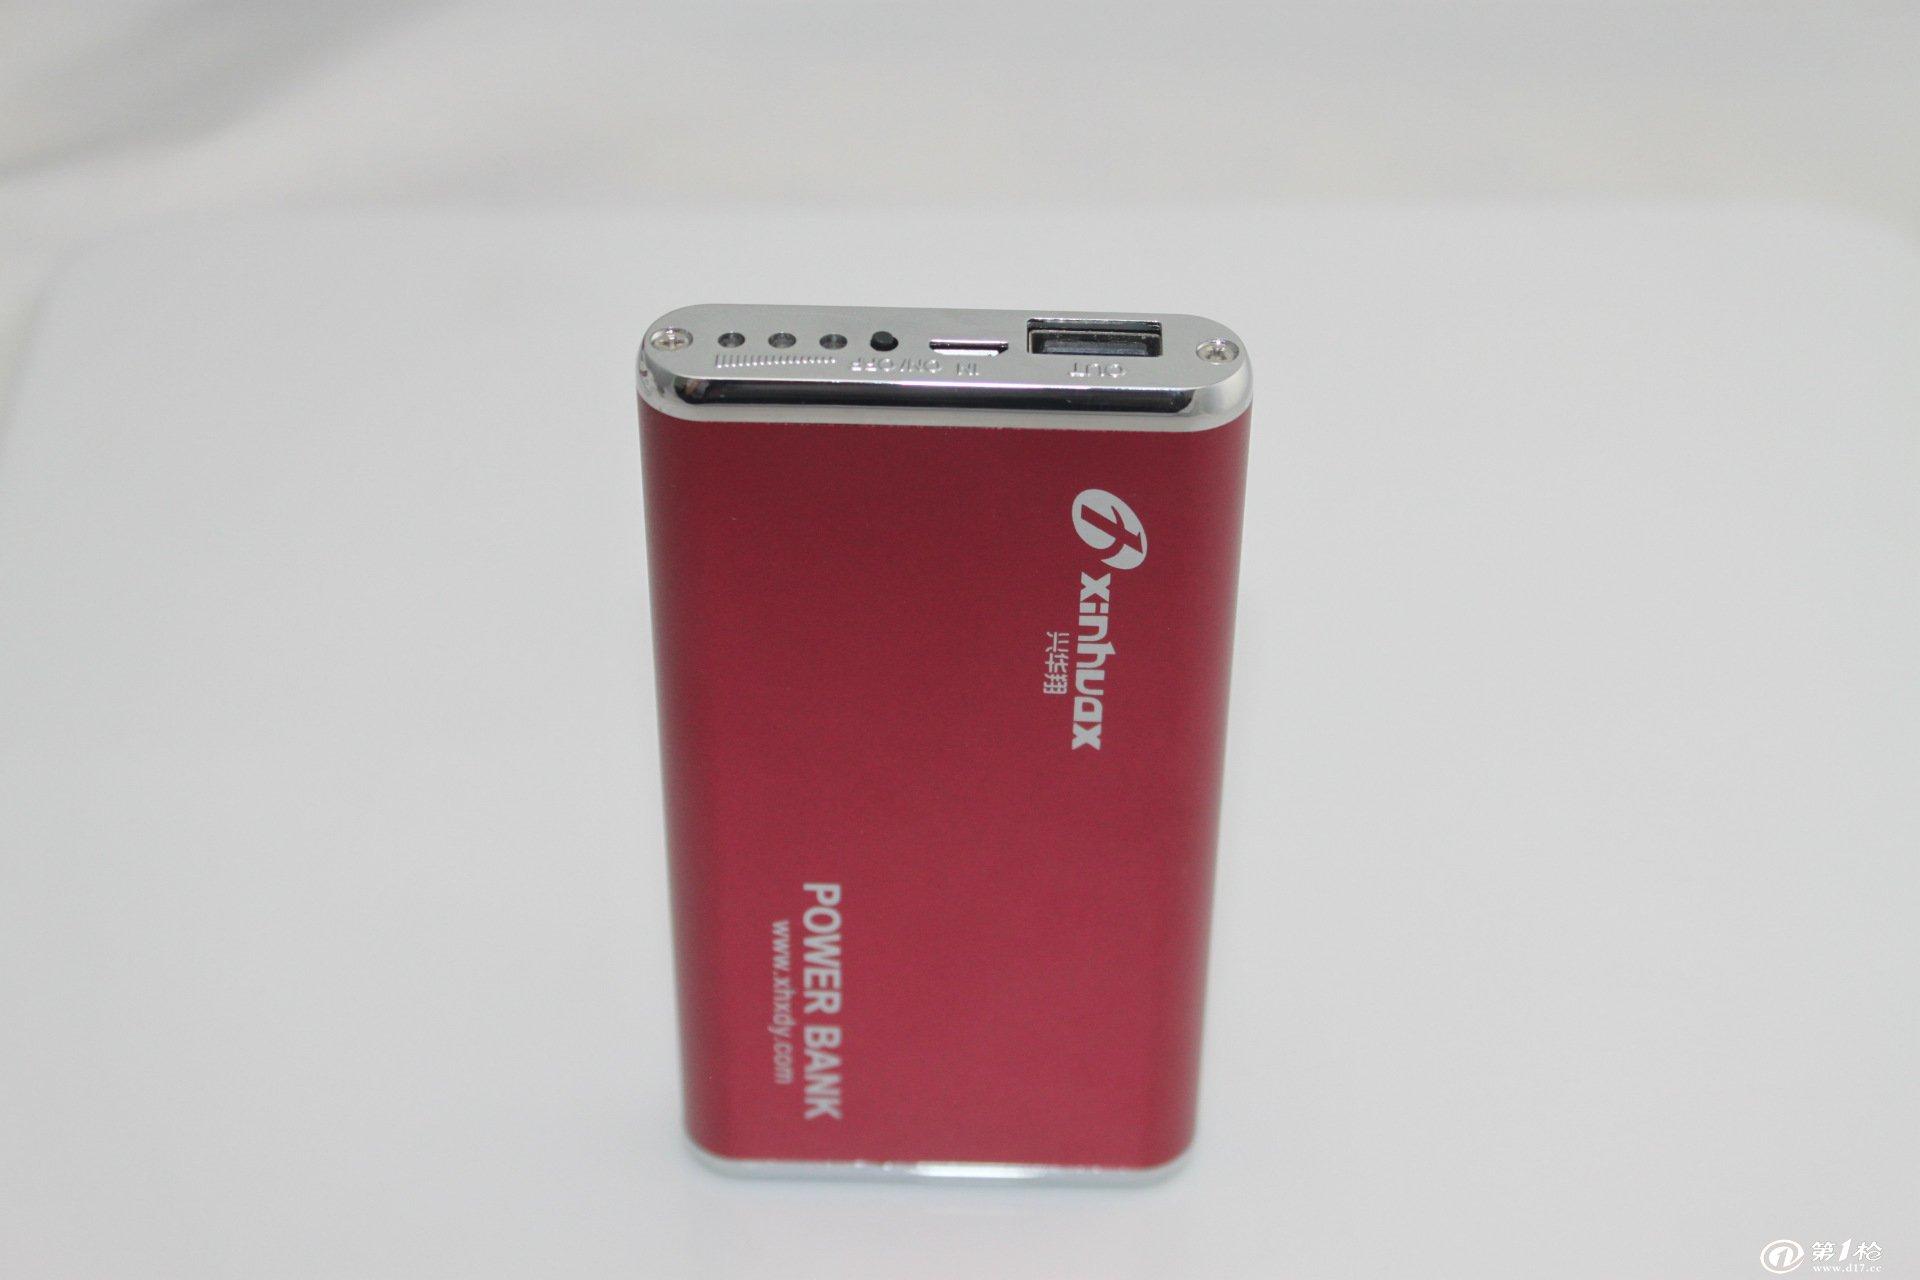 聚合物充电宝超薄型手机充电宝安全移动电源